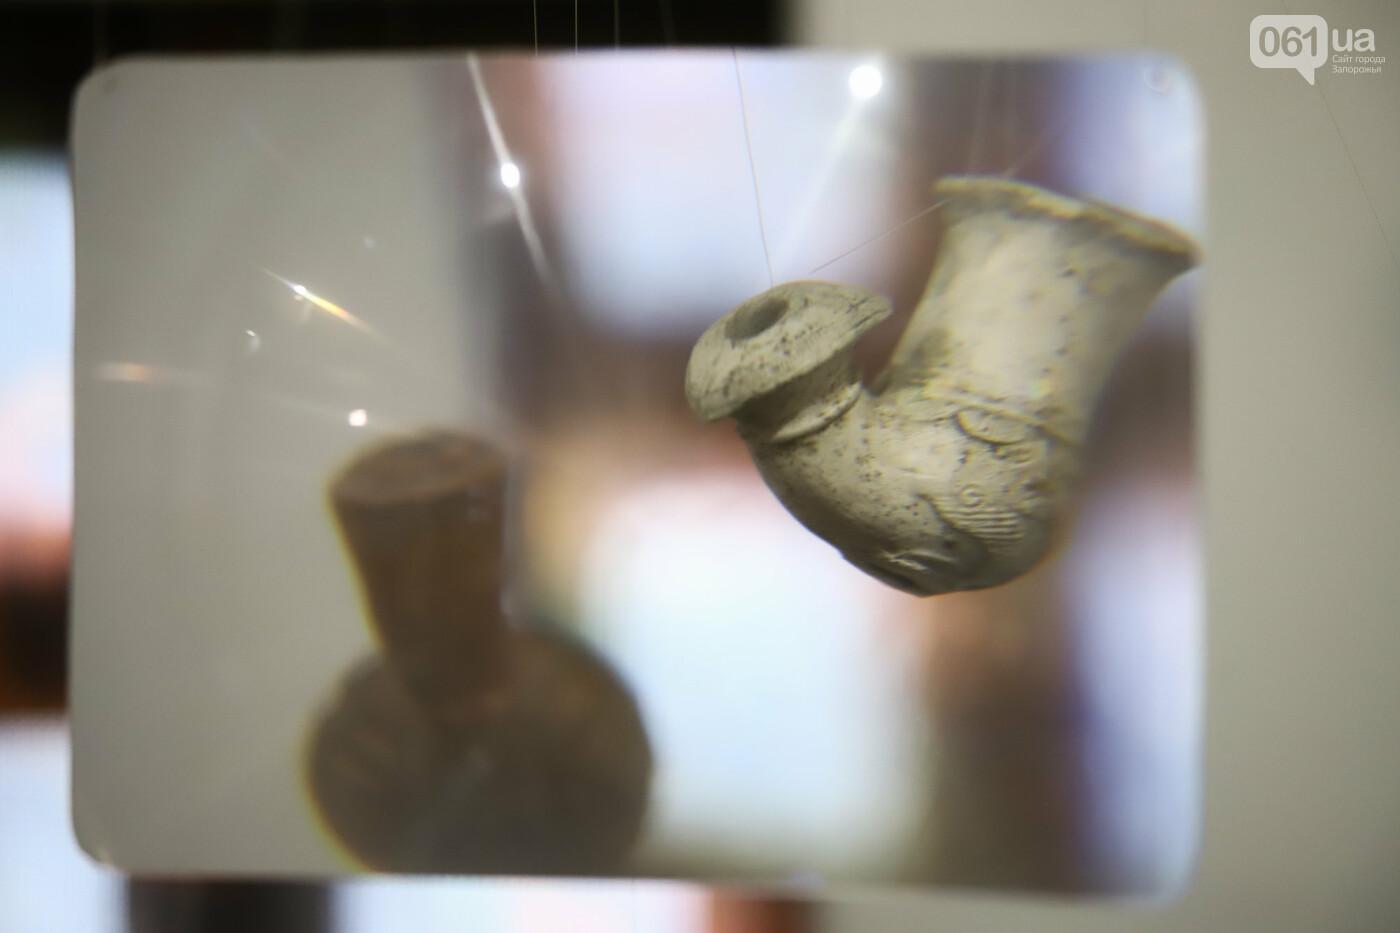 На Запорожской Сечи пополнилась уникальная коллекция казацких люлек: что курили казаки и о чем может рассказать трубка, фото-10